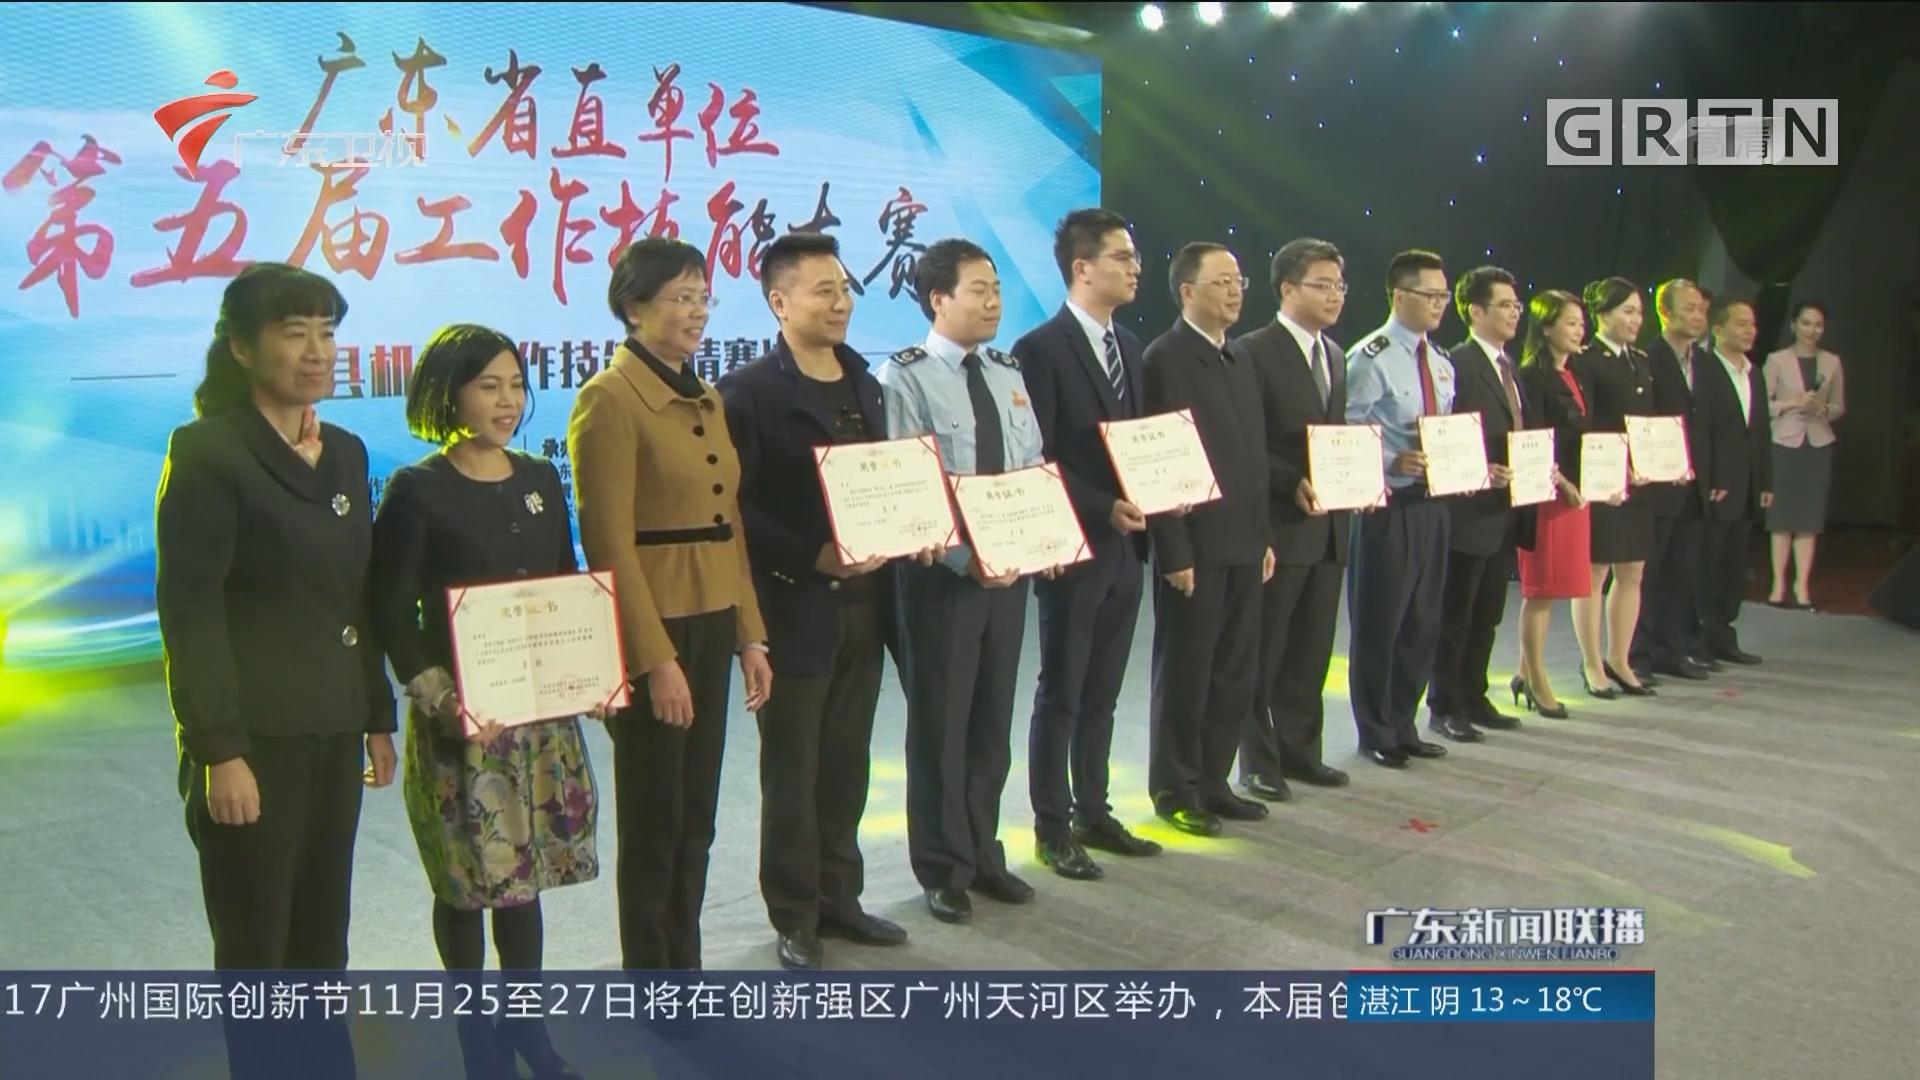 第五届工作技能大赛决出24个优秀作品